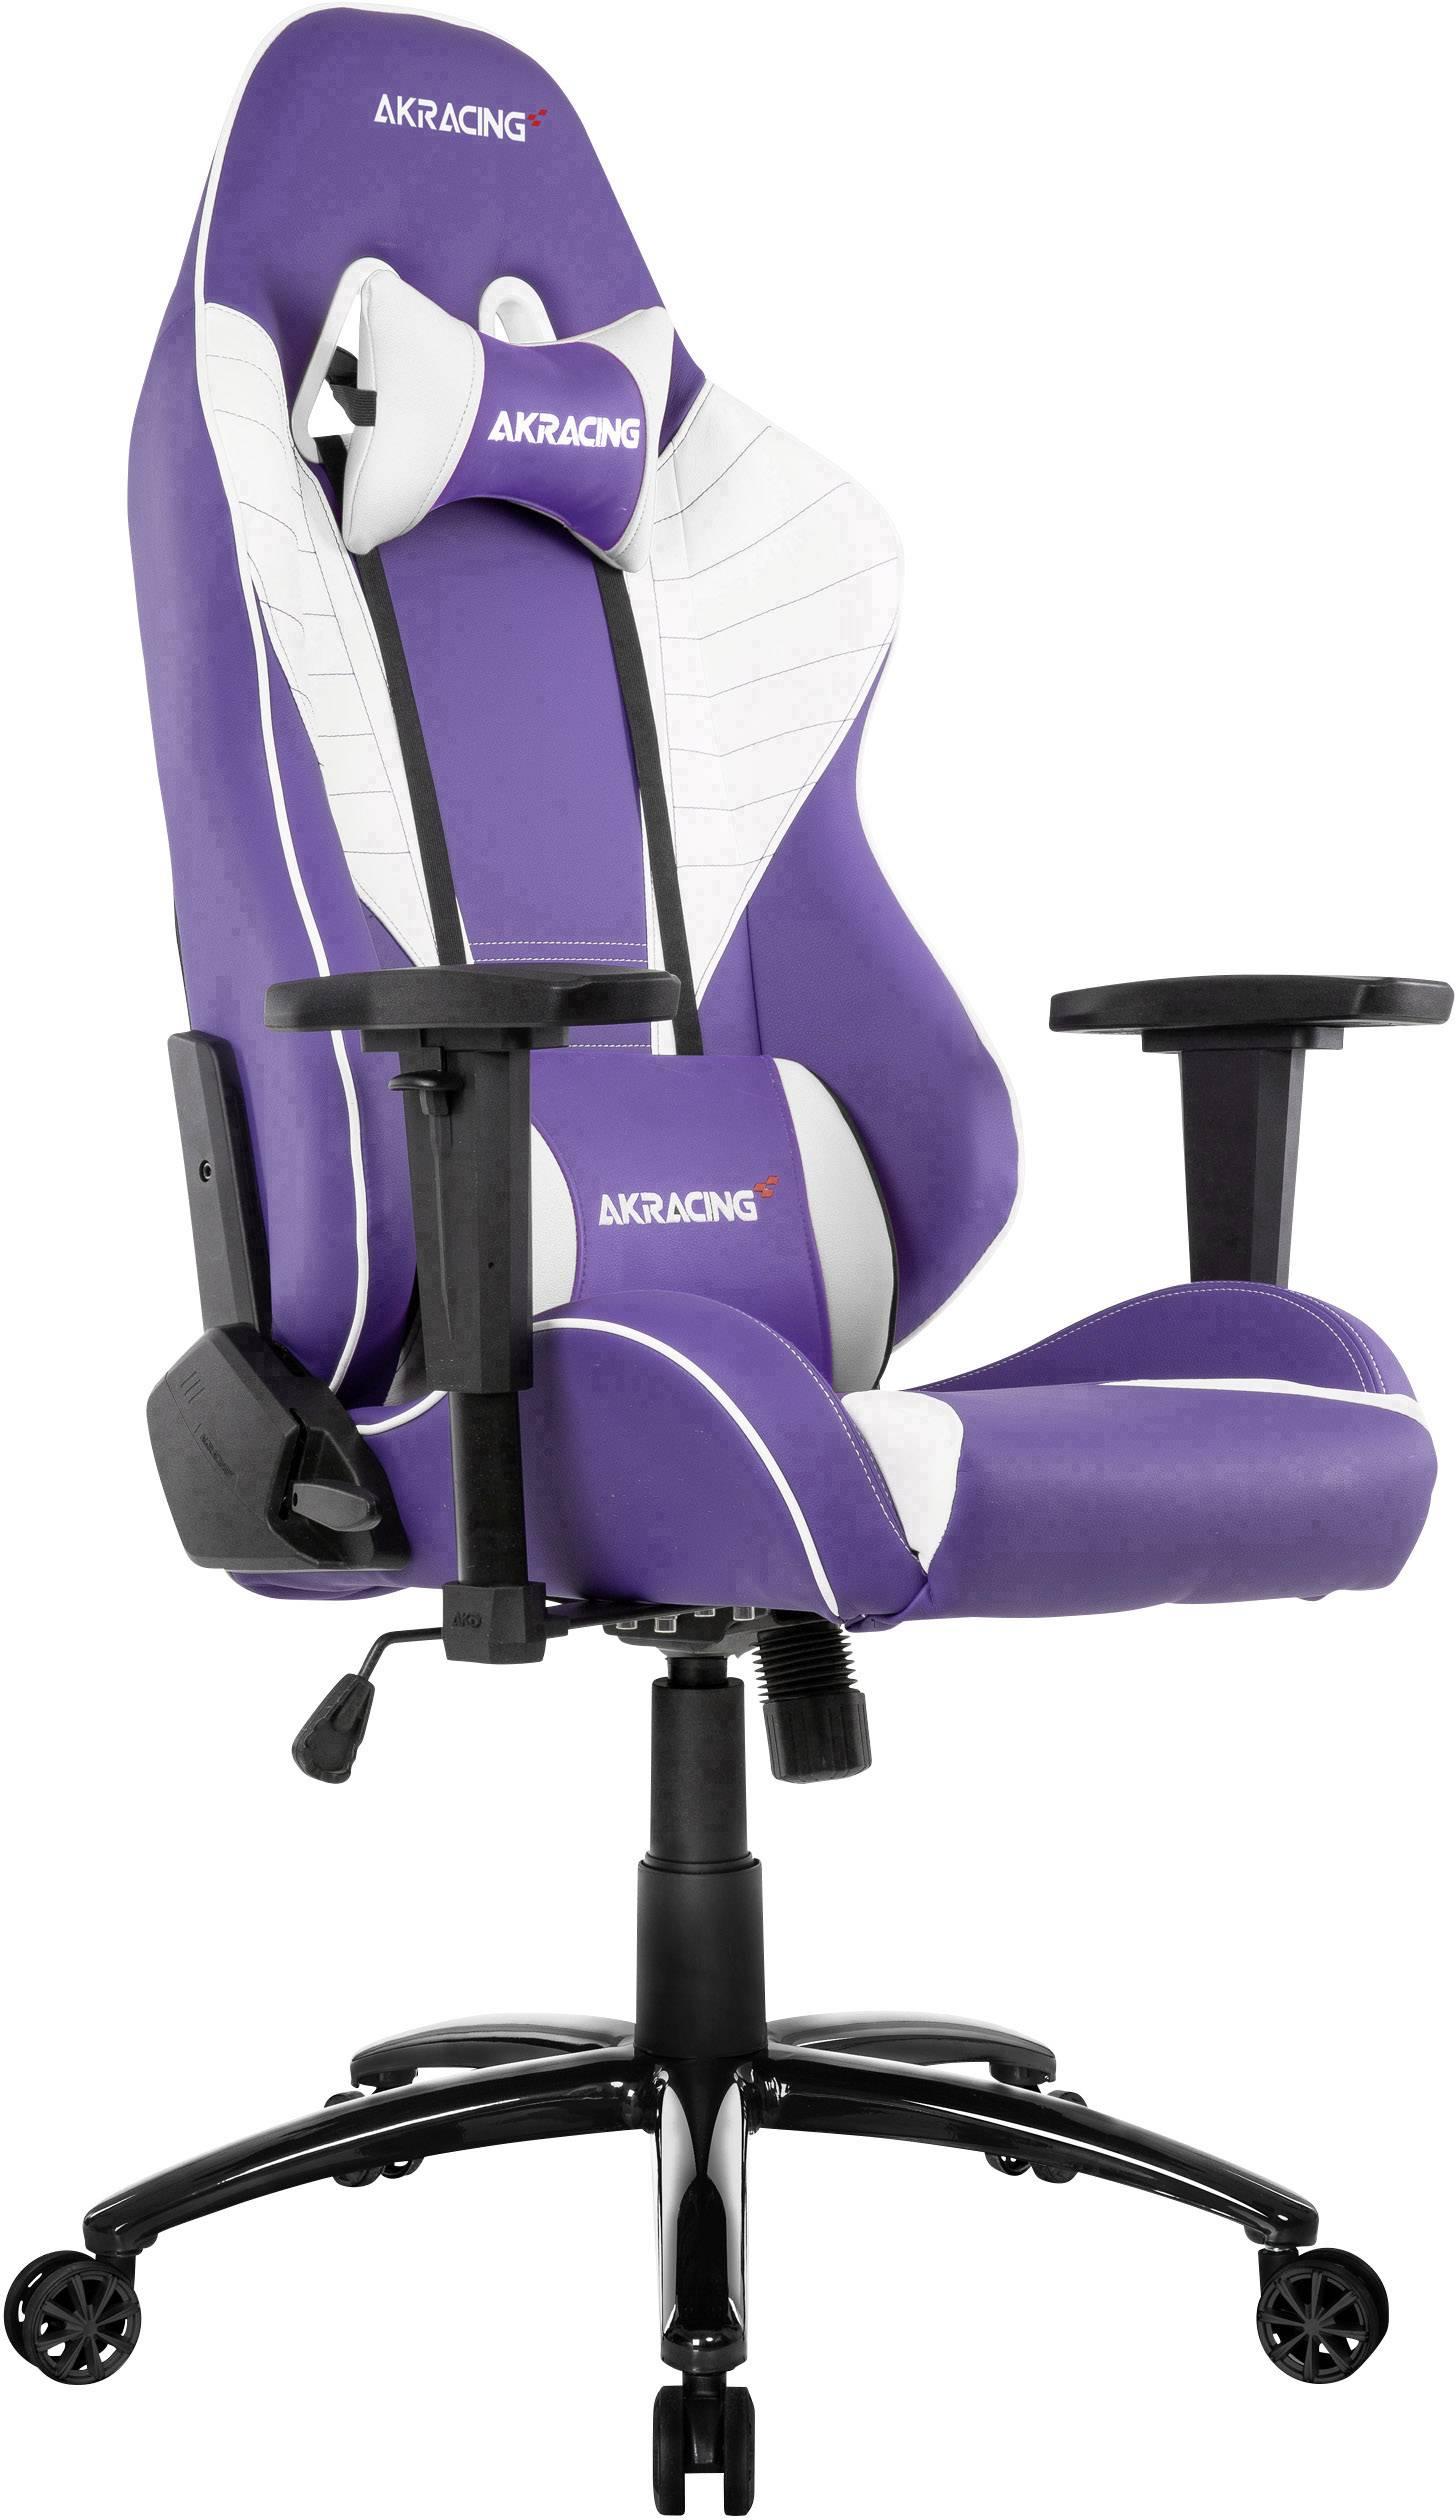 Herná stolička AKRACING Core SX, AK-SX-LAVENDER, levanduľová